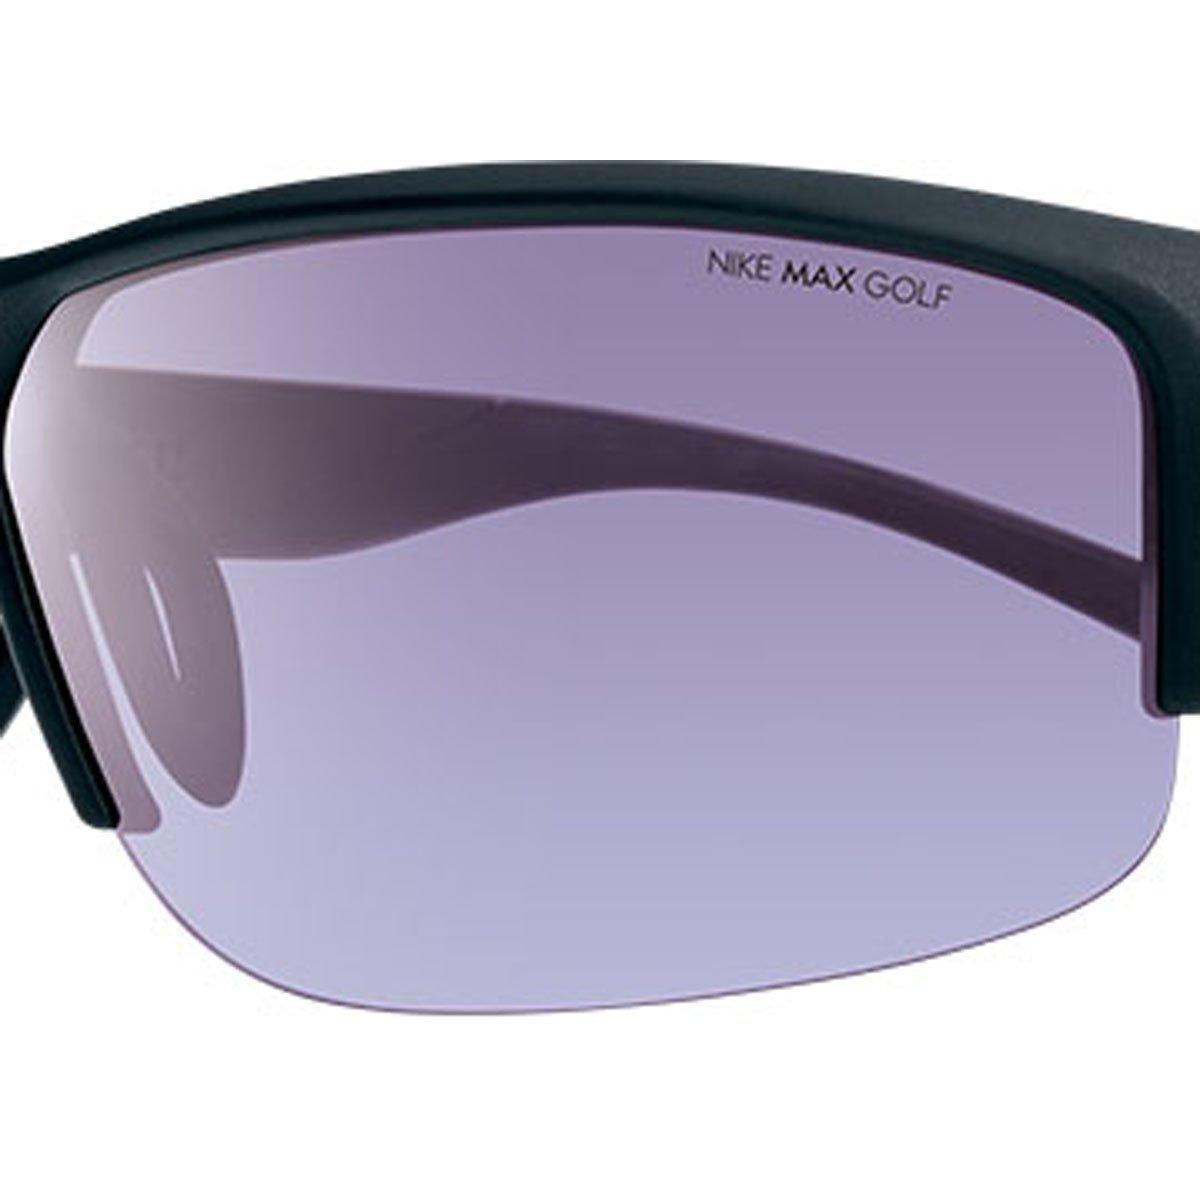 Nike Run x2 Eサングラス交換レンズ – eva157 B00U4RZ0ZY Max Golf Tint